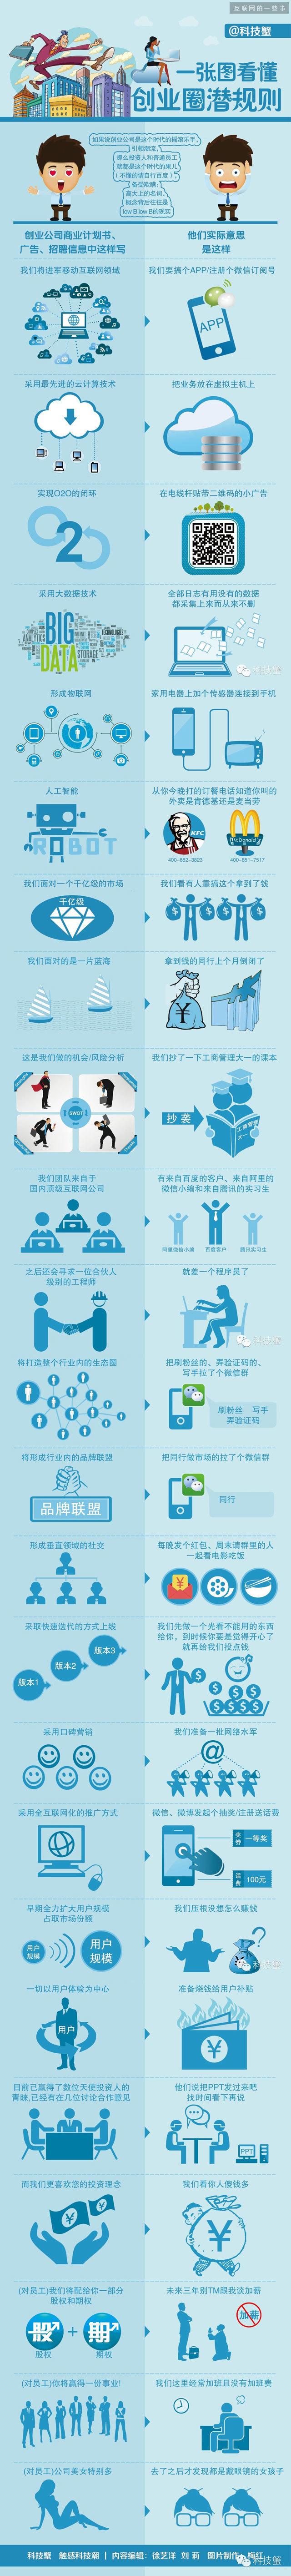 一张图读懂创业圈潜规则